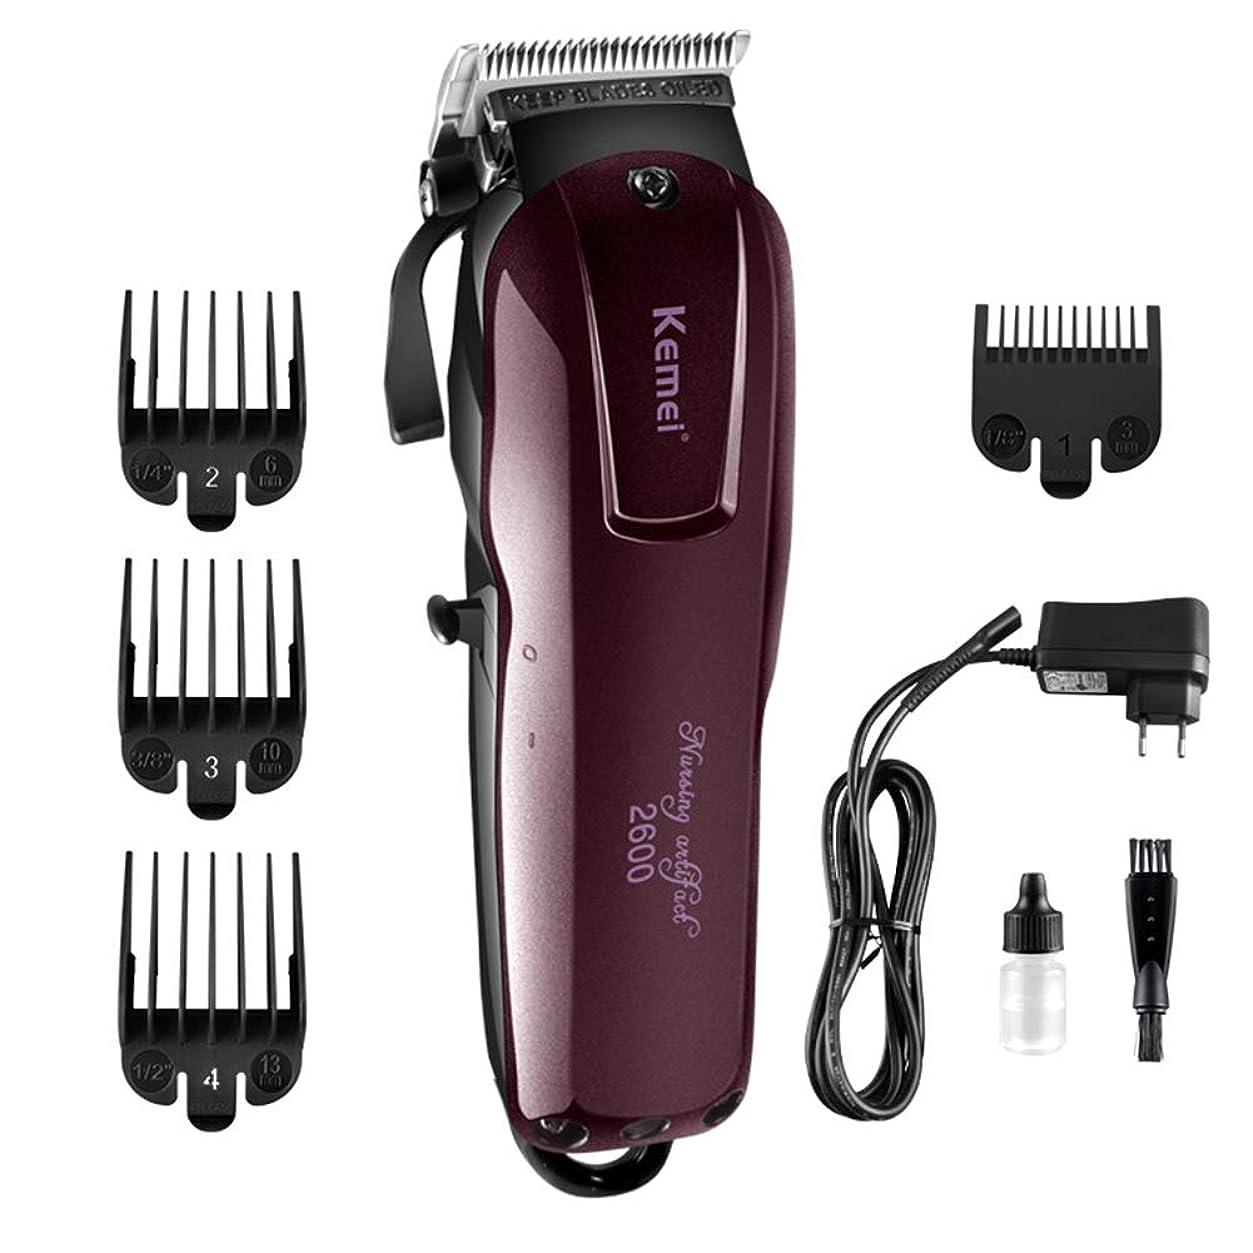 波紋消毒する放置バリカンプロフェッショナル電動強力なシェービングマシンヘアカットひげ男性ヘアトリマー充電式スタイリング散髪機+ 4ガイドくし